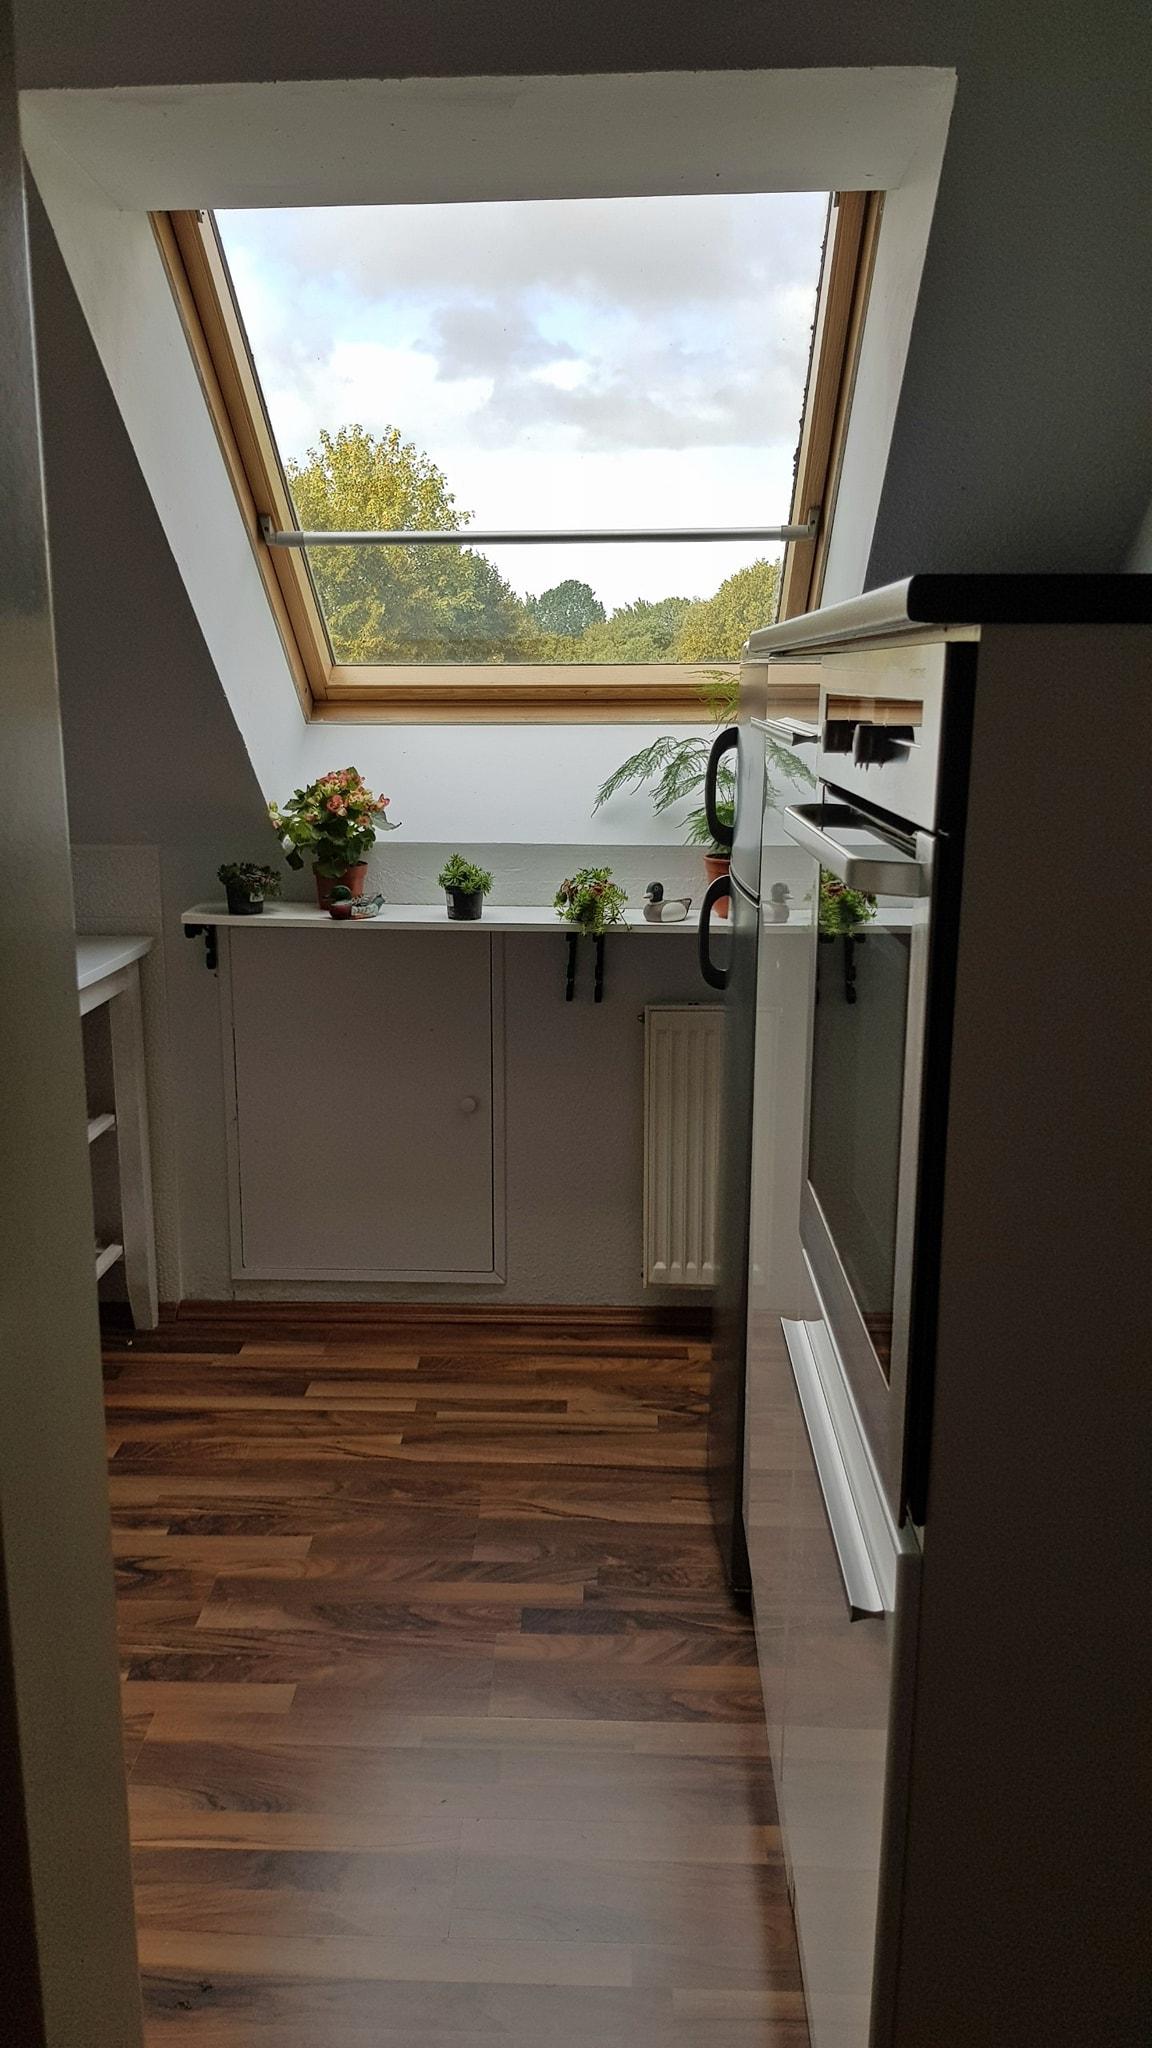 Οι δικές φωτογραφίες από τις κουζίνες σας!